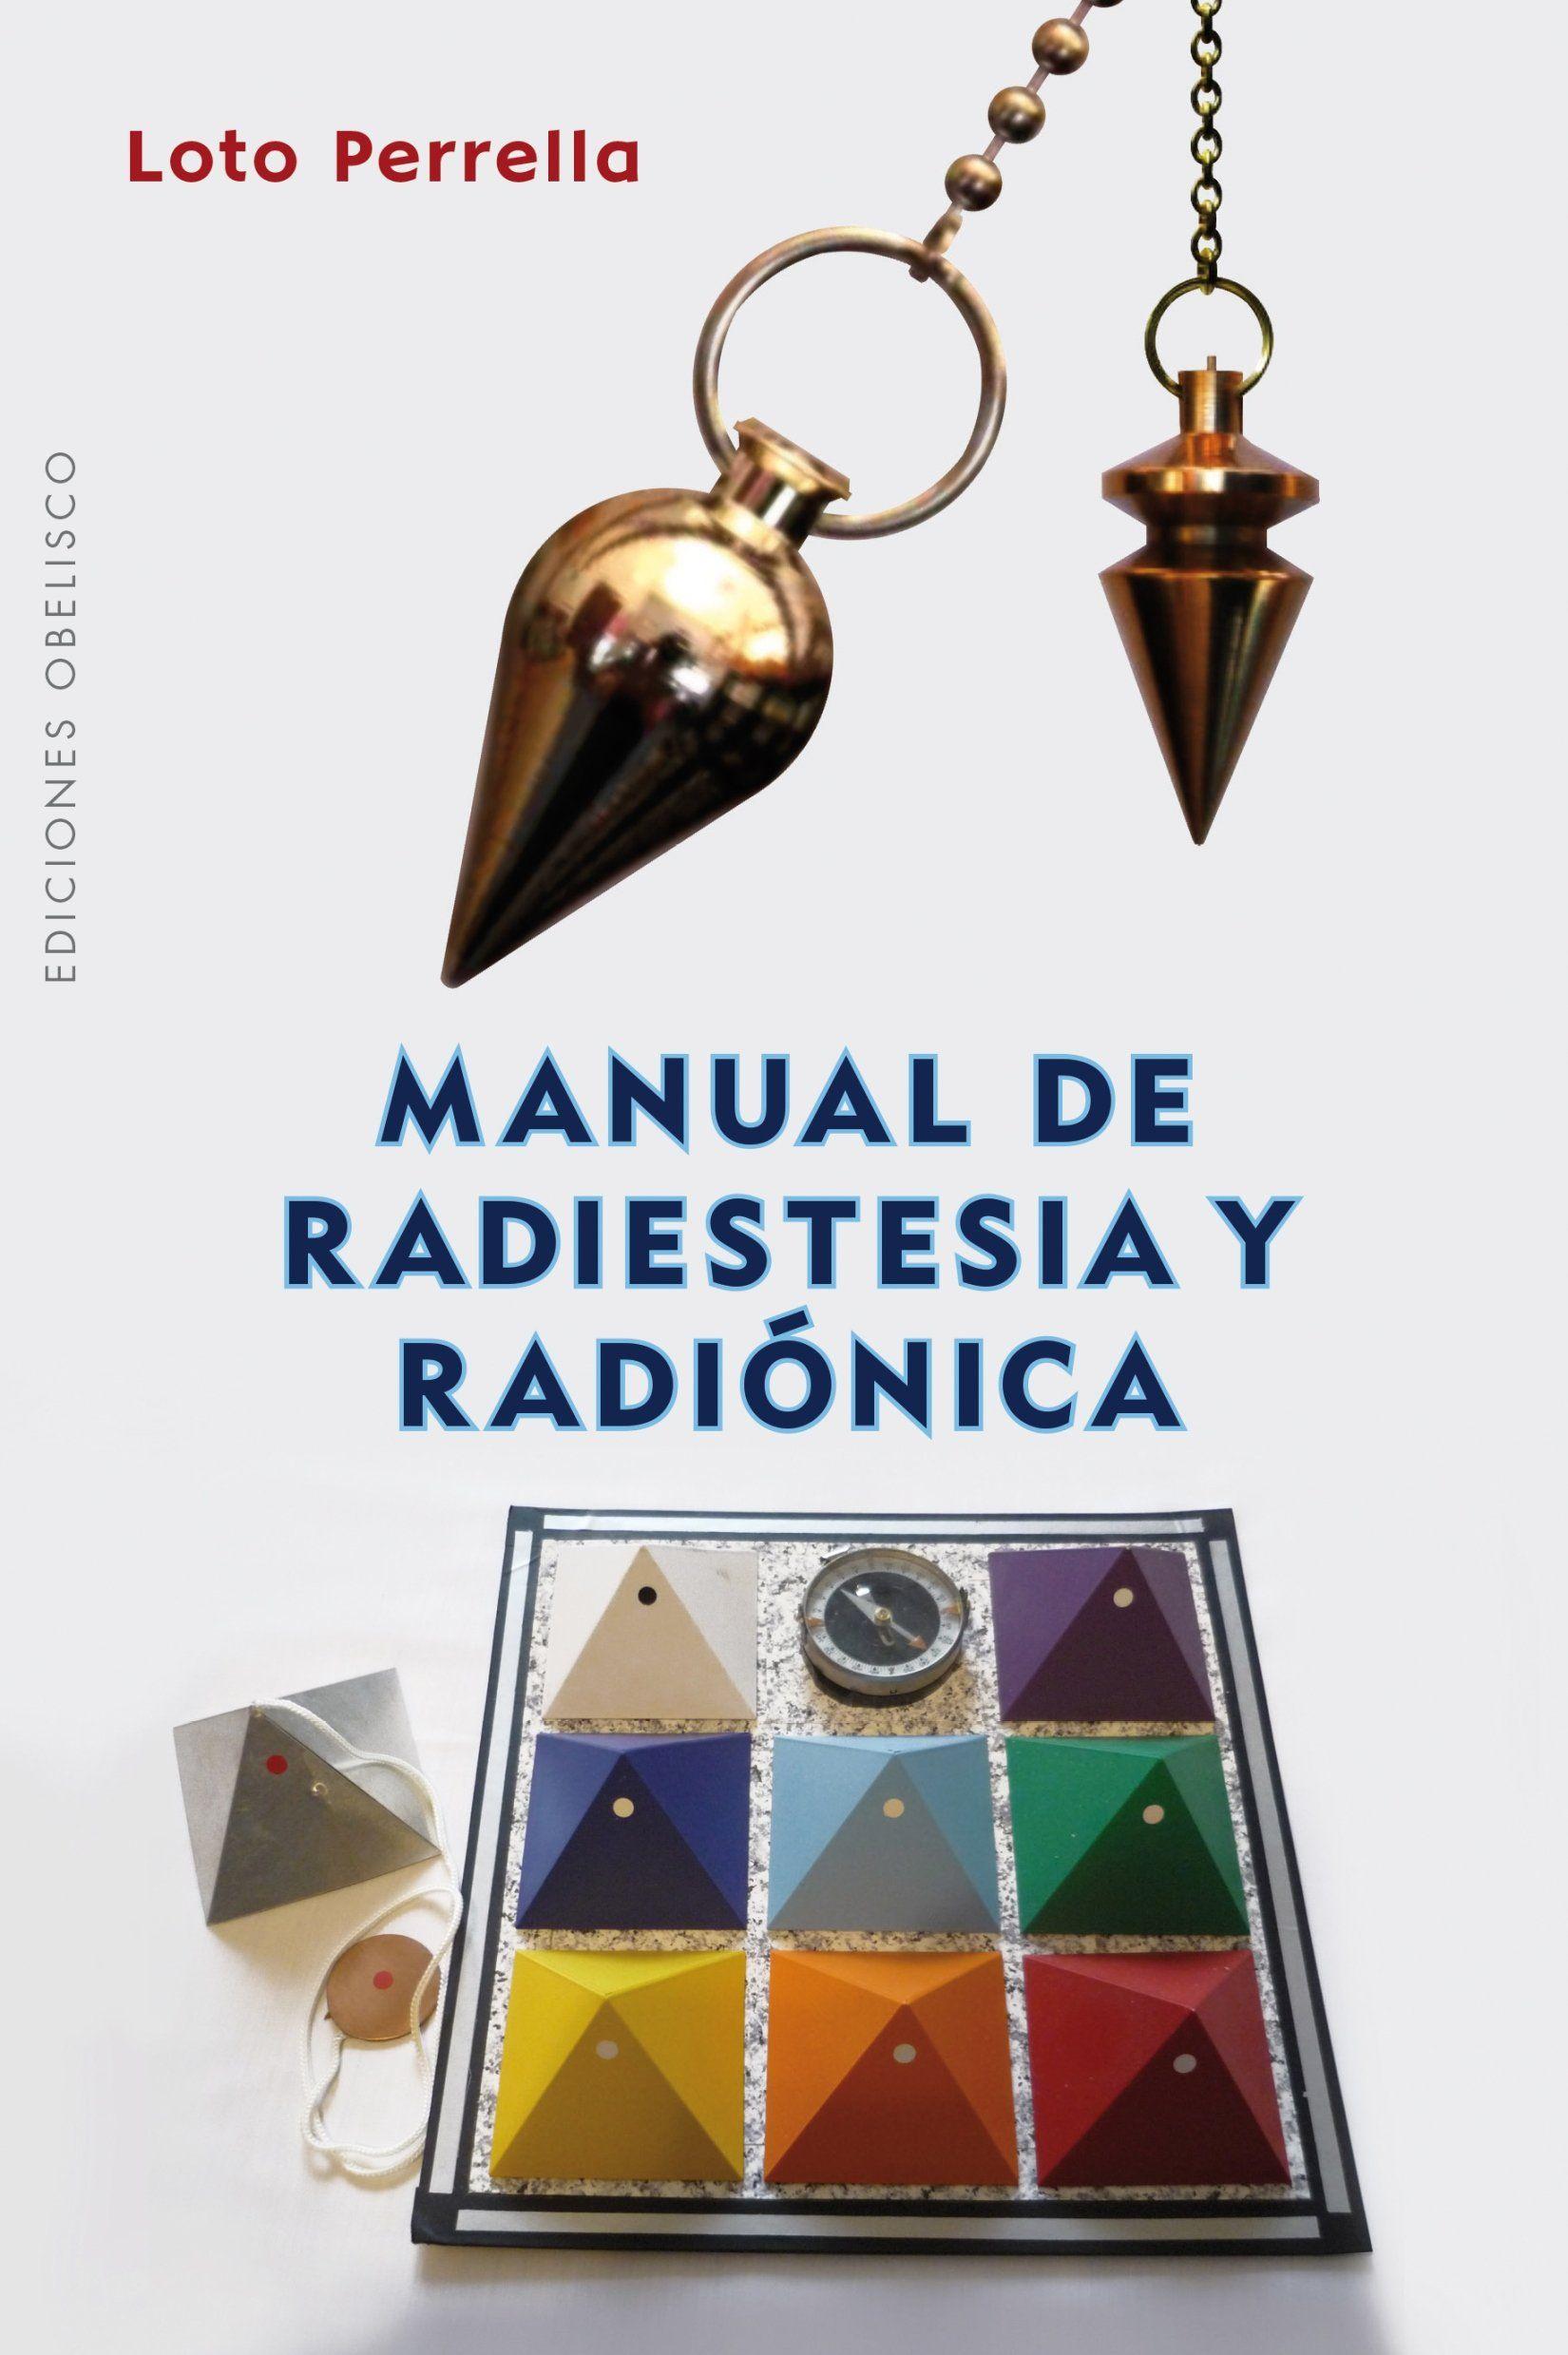 Mediante Unas Máquinas Y Gráficos La Radiestesia Y La Radiónica Pueden Tratar El Desequilibrio Casi Siempre De Pendulo Terapias Naturales Pendulo Radiestesia